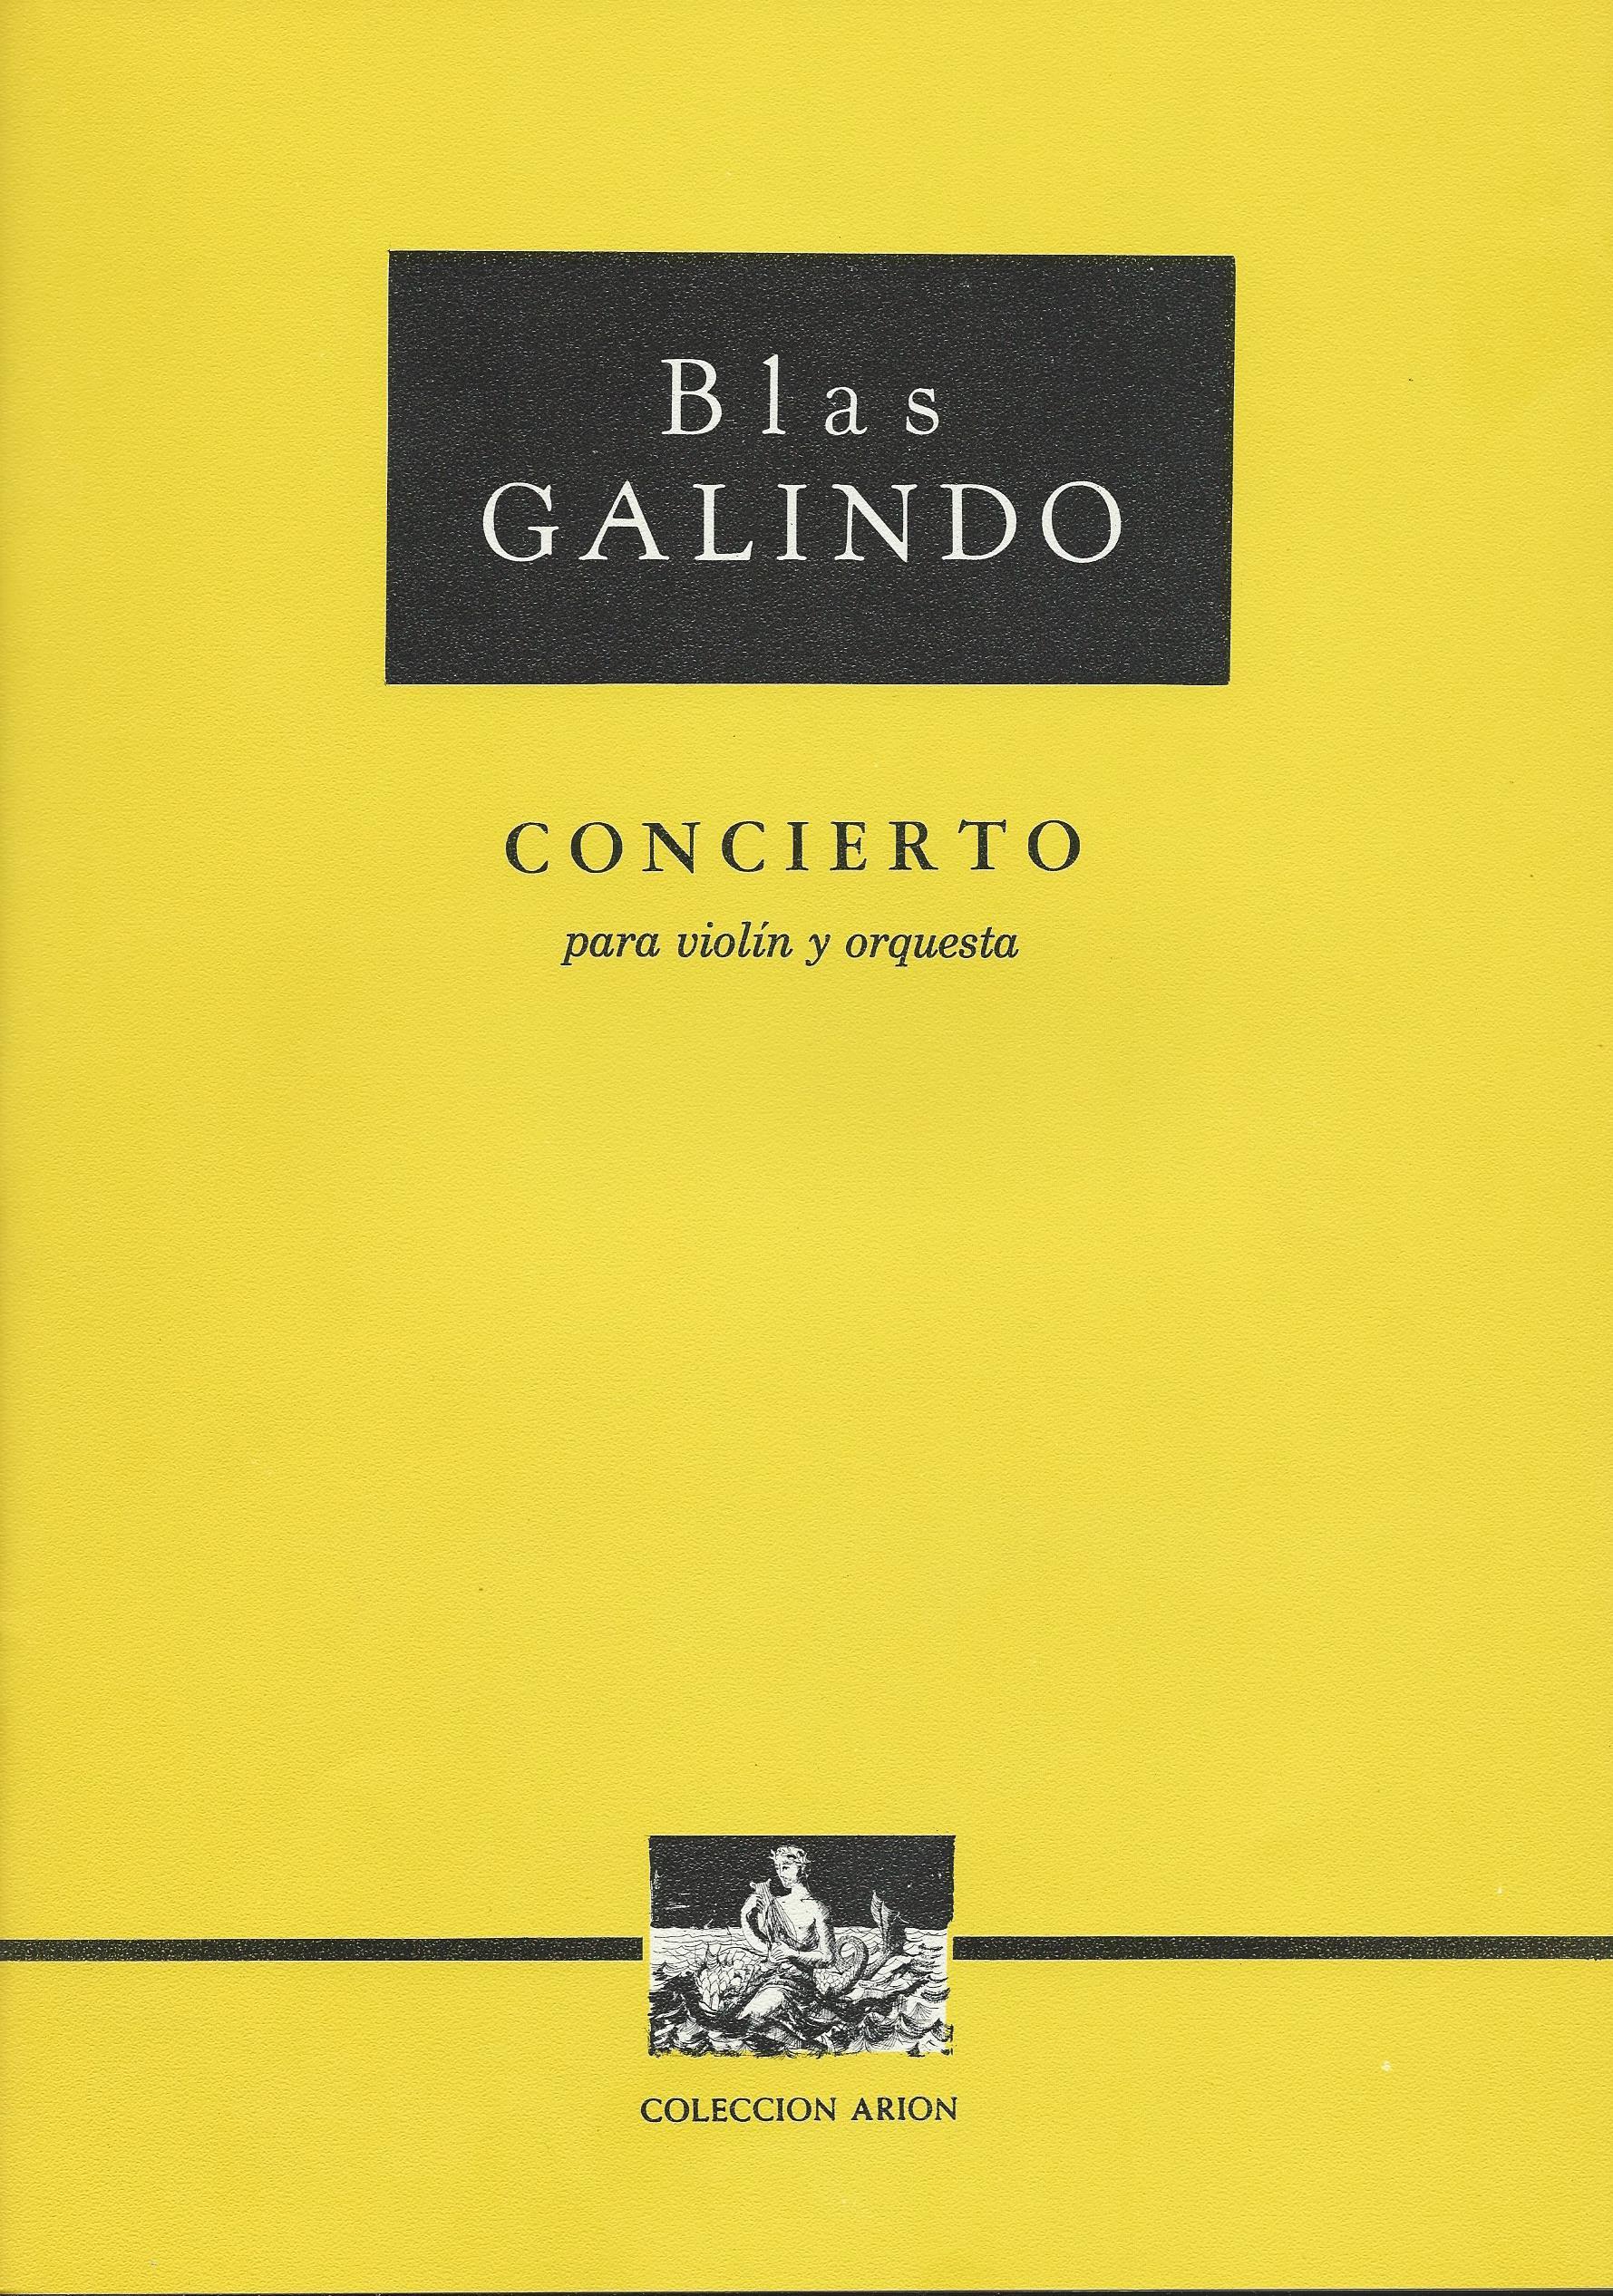 GALINDO_BLAS_-_Concierto_para_violín_y_orquesta_01.jpg